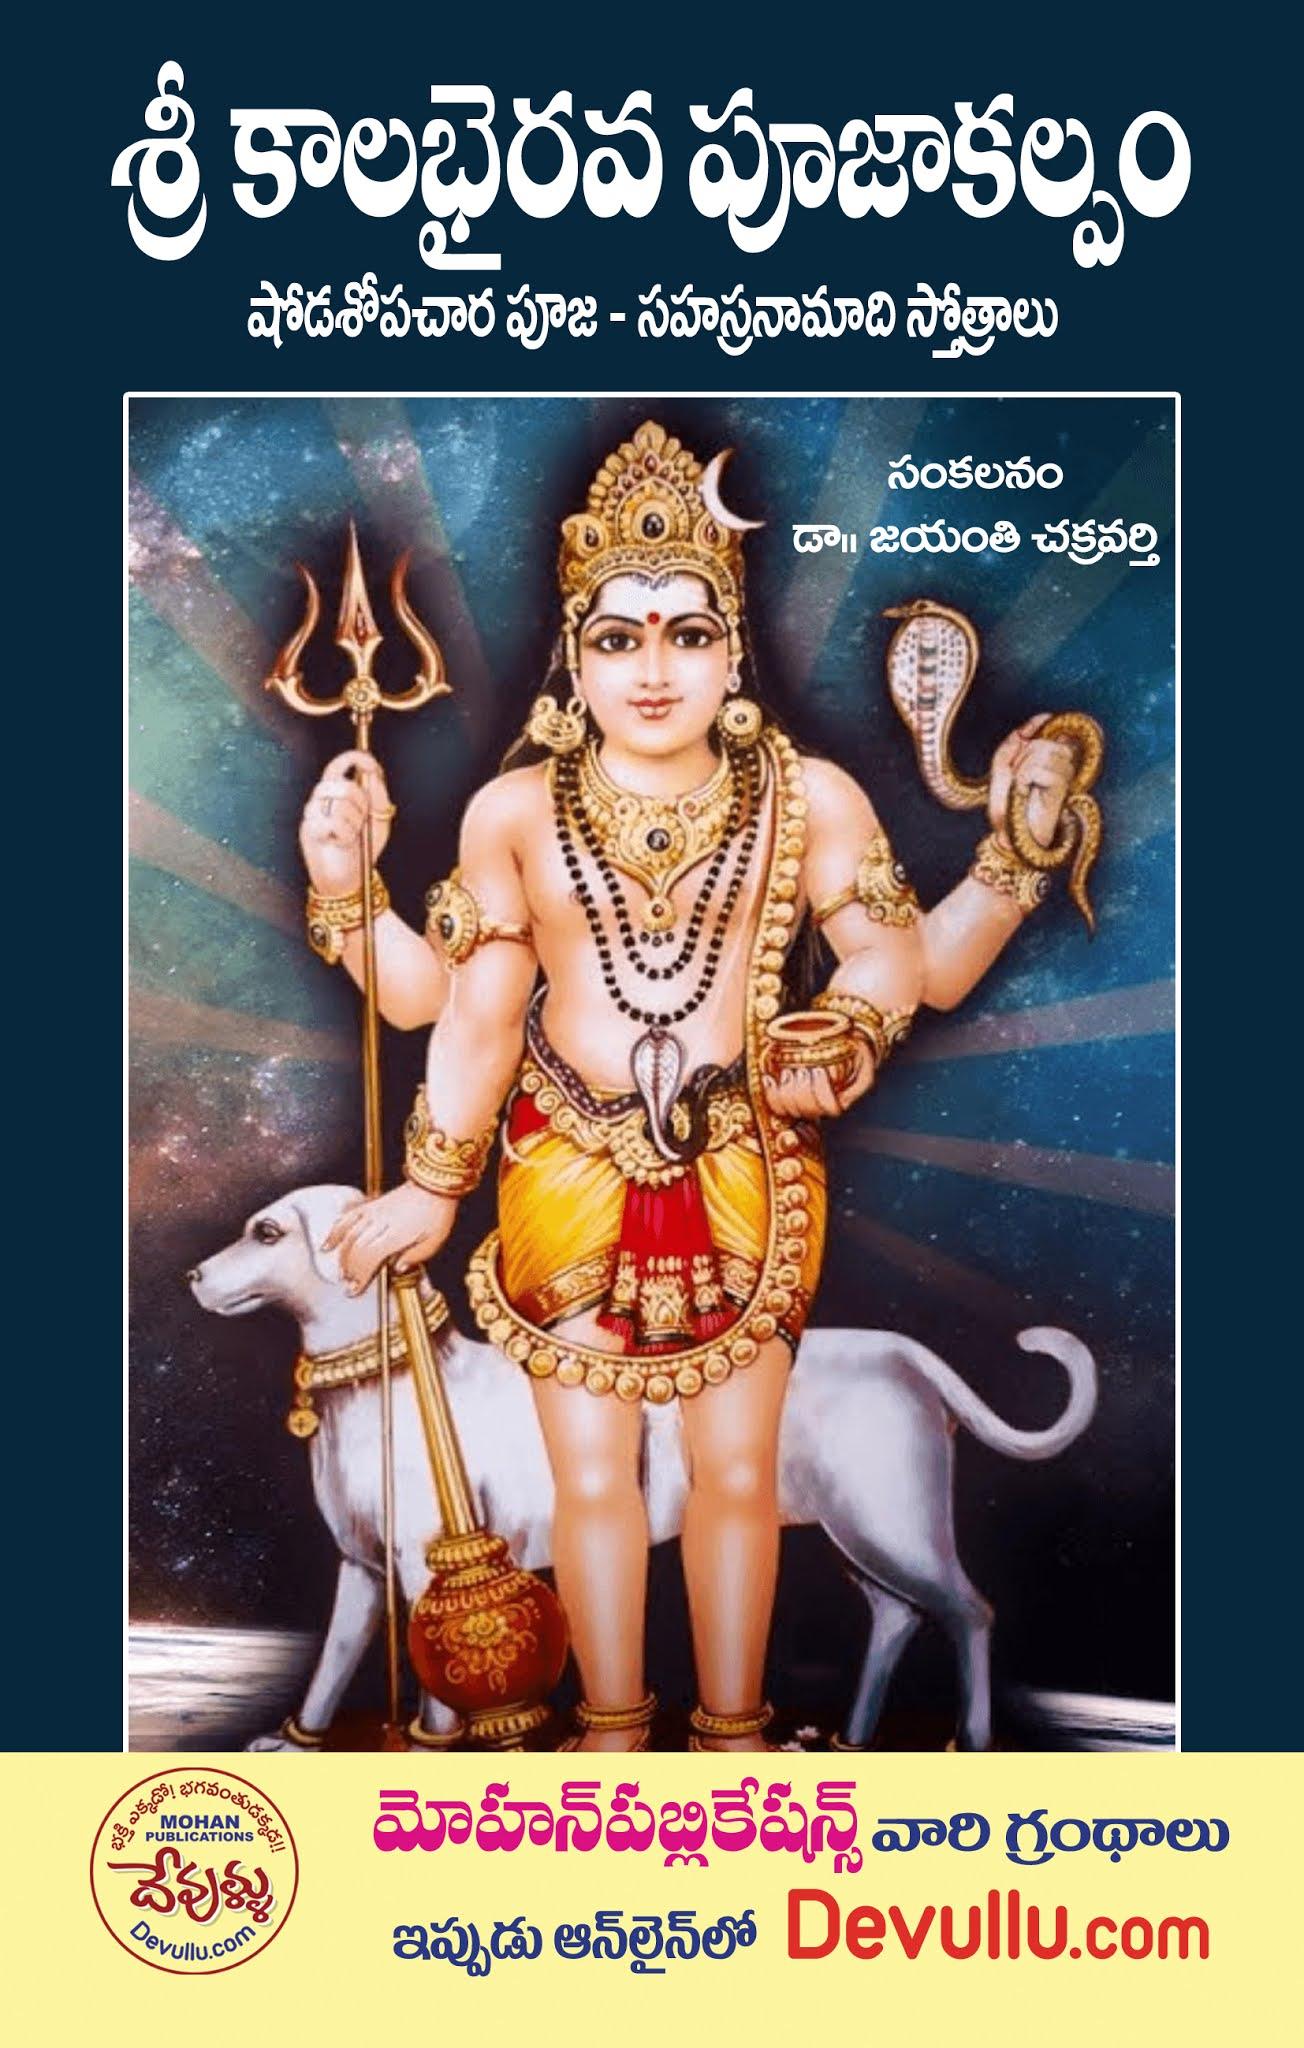 శ్రీ కాలభైరవ పూజాకల్పం | Sri Kalabhairava Poojakalpam Author: Dr. Jayanti Chakravarthi | telugu books